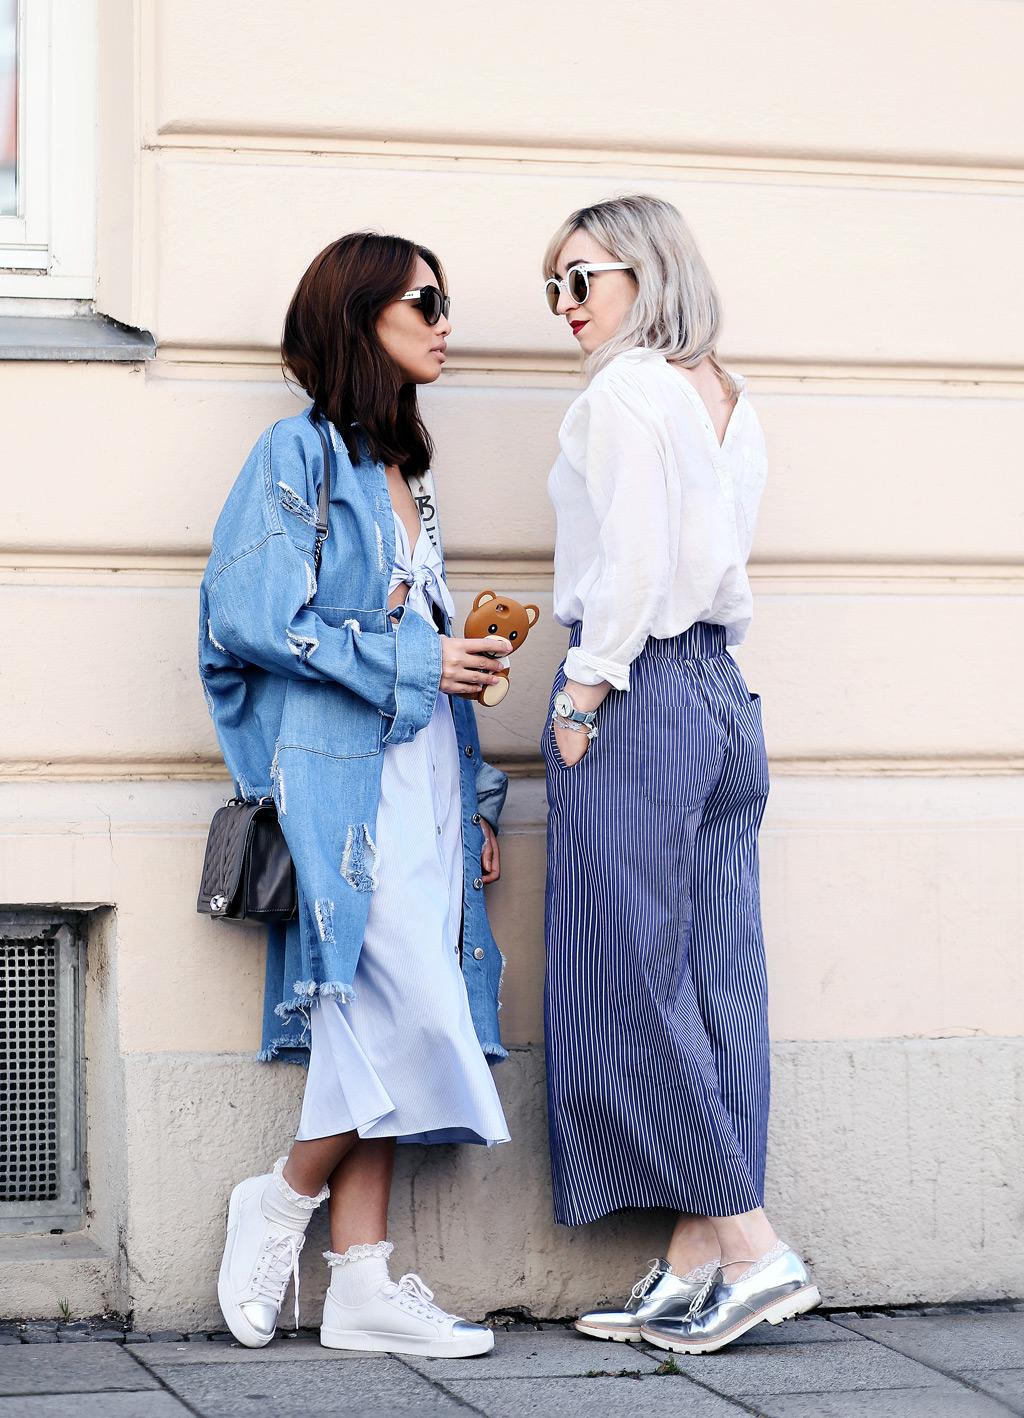 thefashionanarchy_nachgesteristvormorgen_diana-_esra_blogger_freundschaft_munichblogger_munich_muenchen_modeblog_fashionblog_styleblog_blogger_3